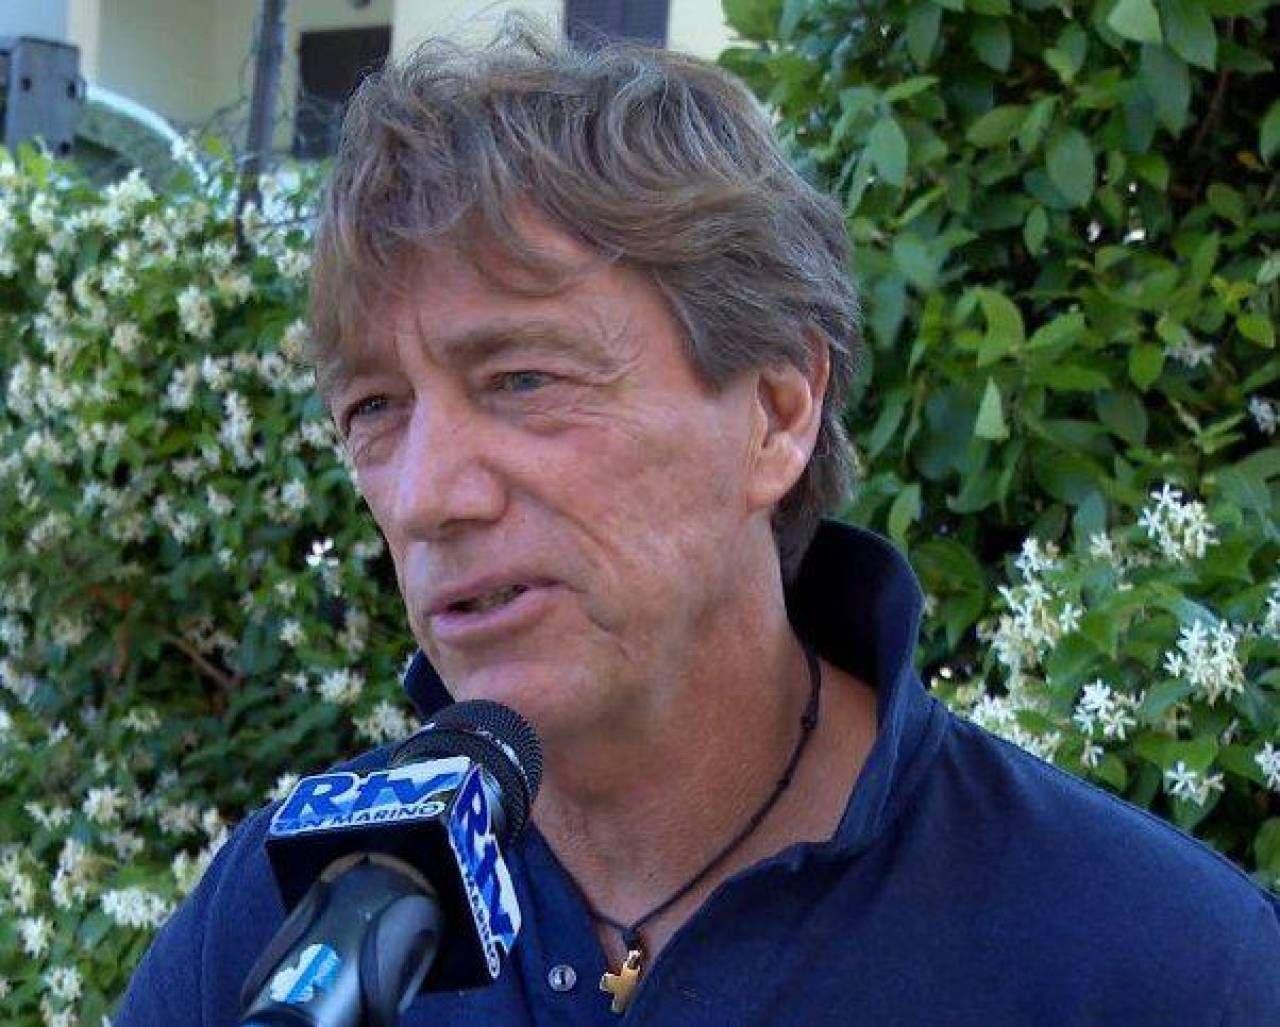 Bonini ha annunciato le dimissioni da direttore tecnico della Fsgc